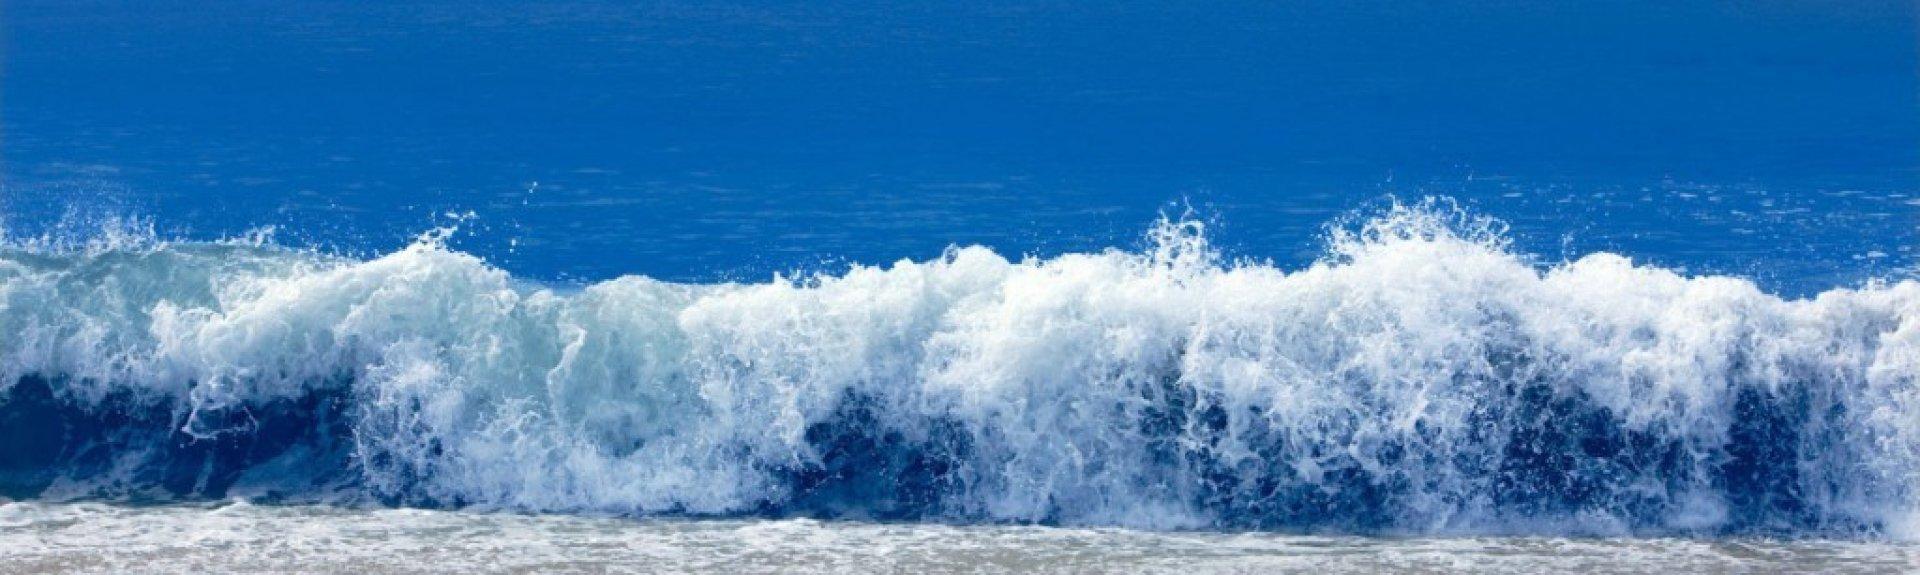 148_1crashing_wave_4732_blue-1024×672